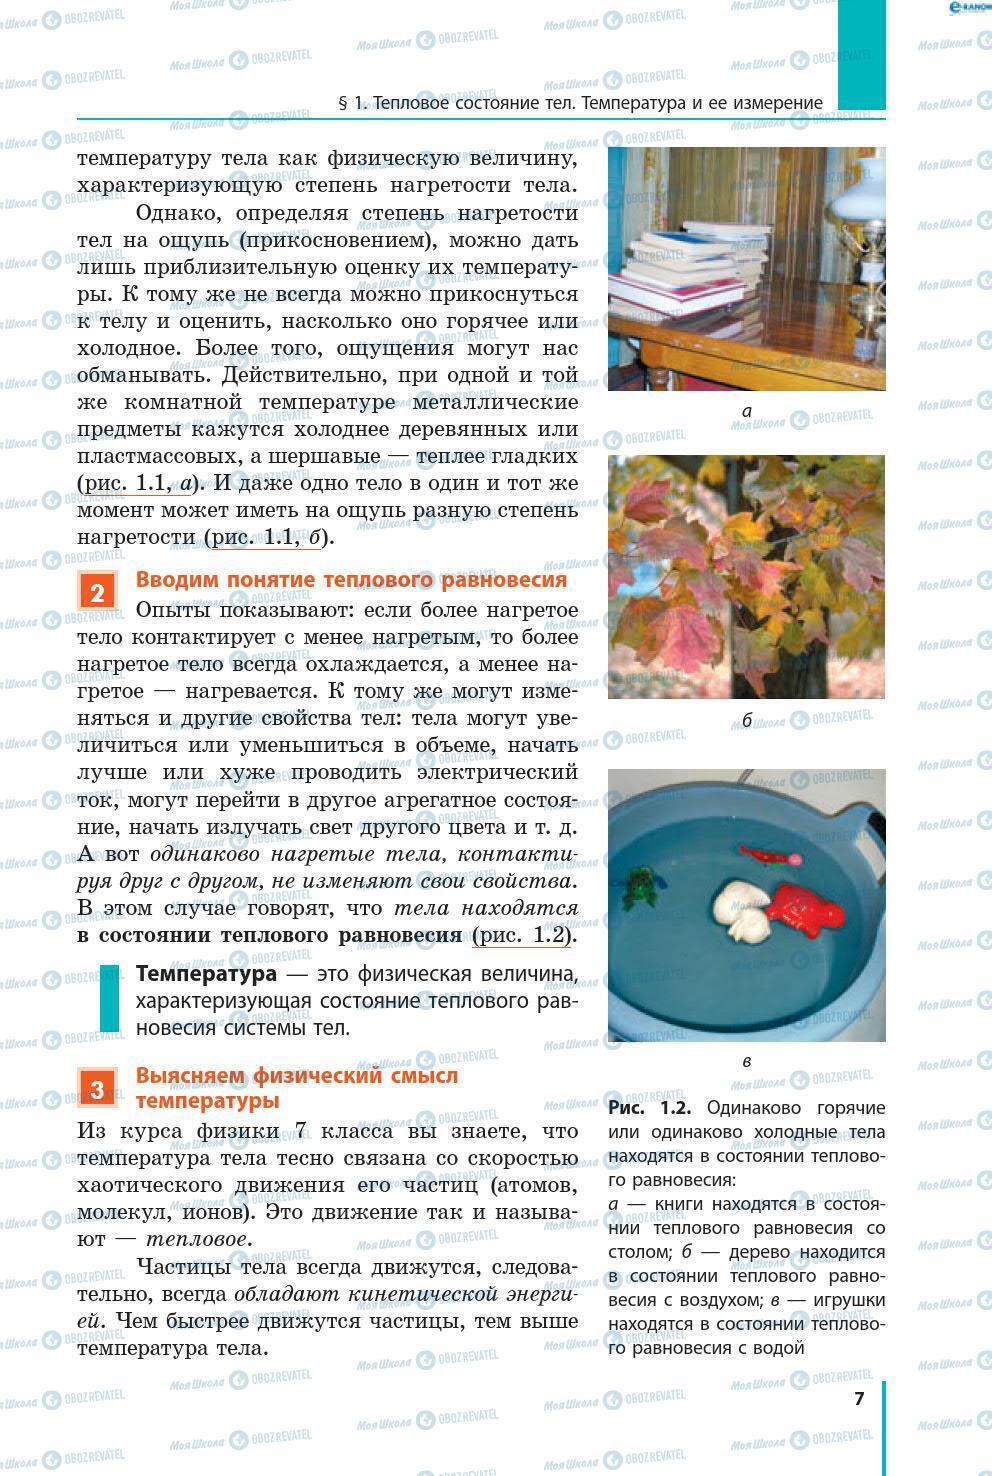 Підручники Фізика 8 клас сторінка 7